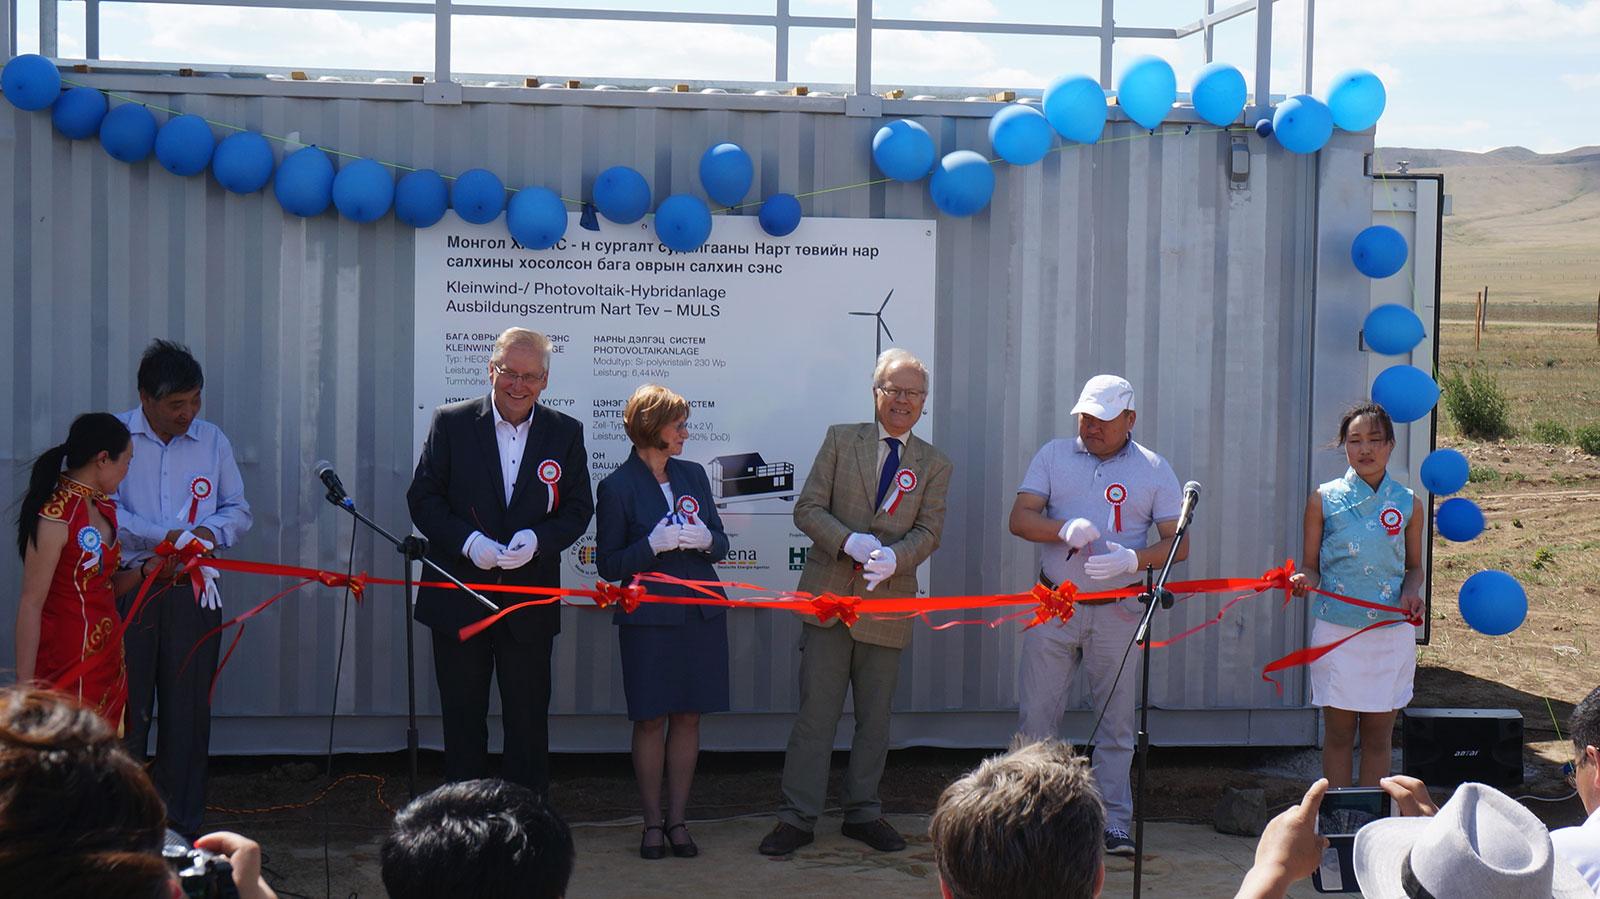 Feierliche Inbetriebnahme der Kleinwind-/Photovoltaik-Inselstromversorgung im Ausbildungs-zentrum Nart Töv der Mongolian University of Life Sciences (MULS).